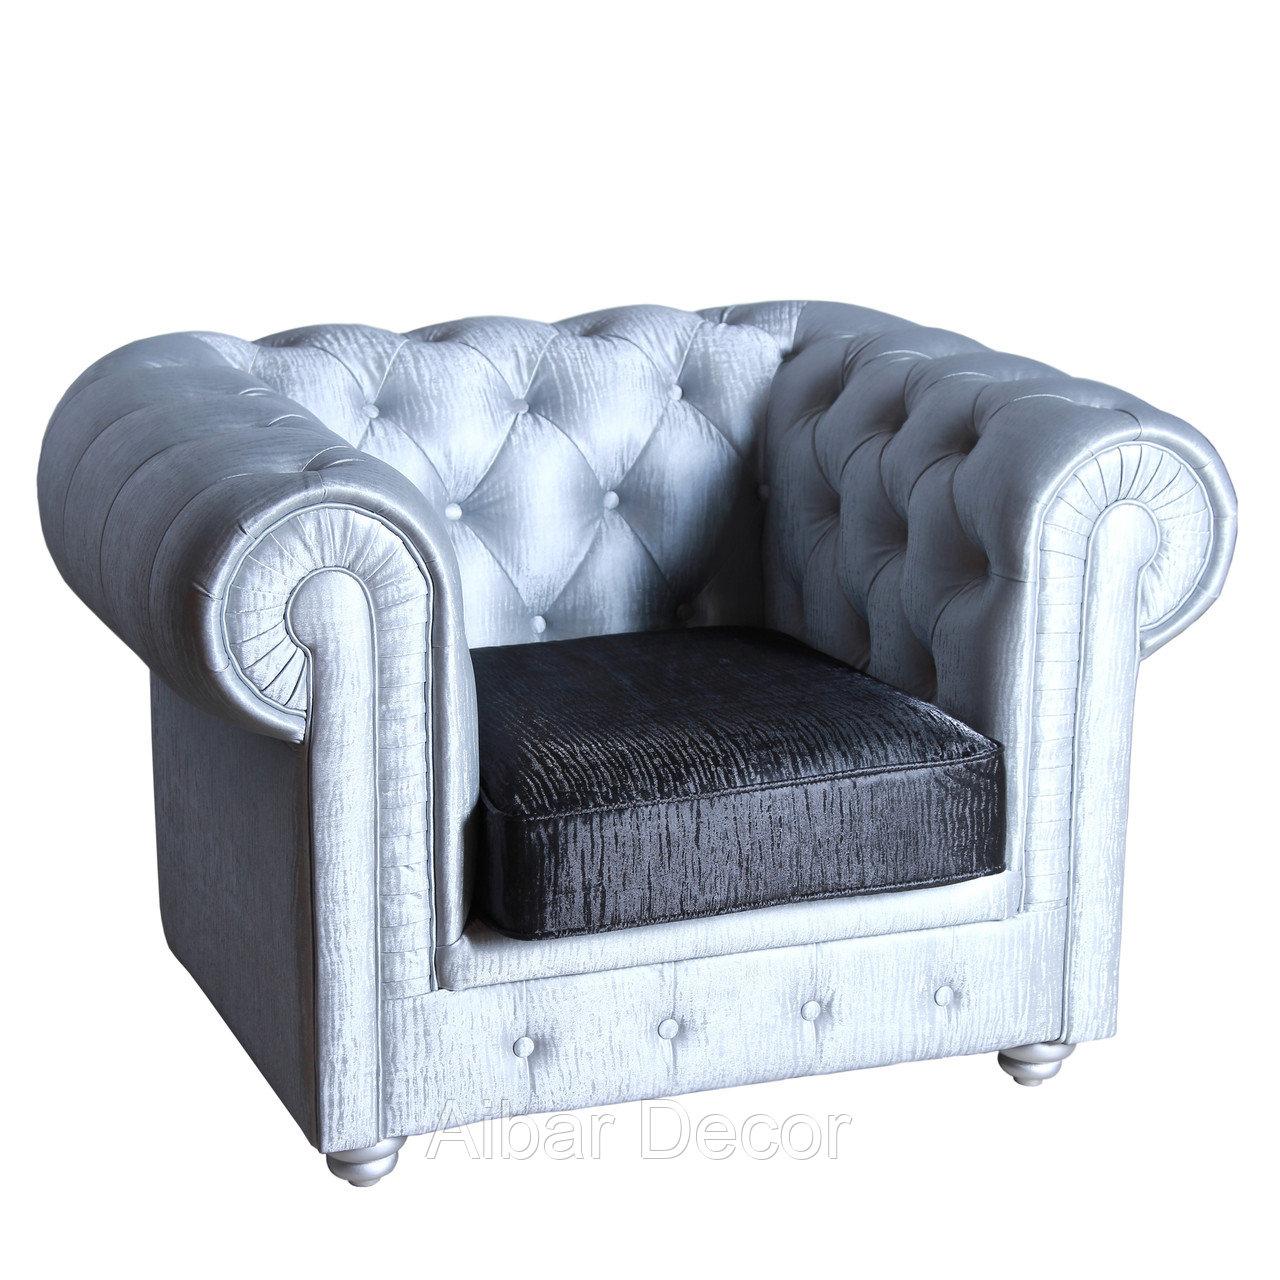 Кресло Болтон - фото 1